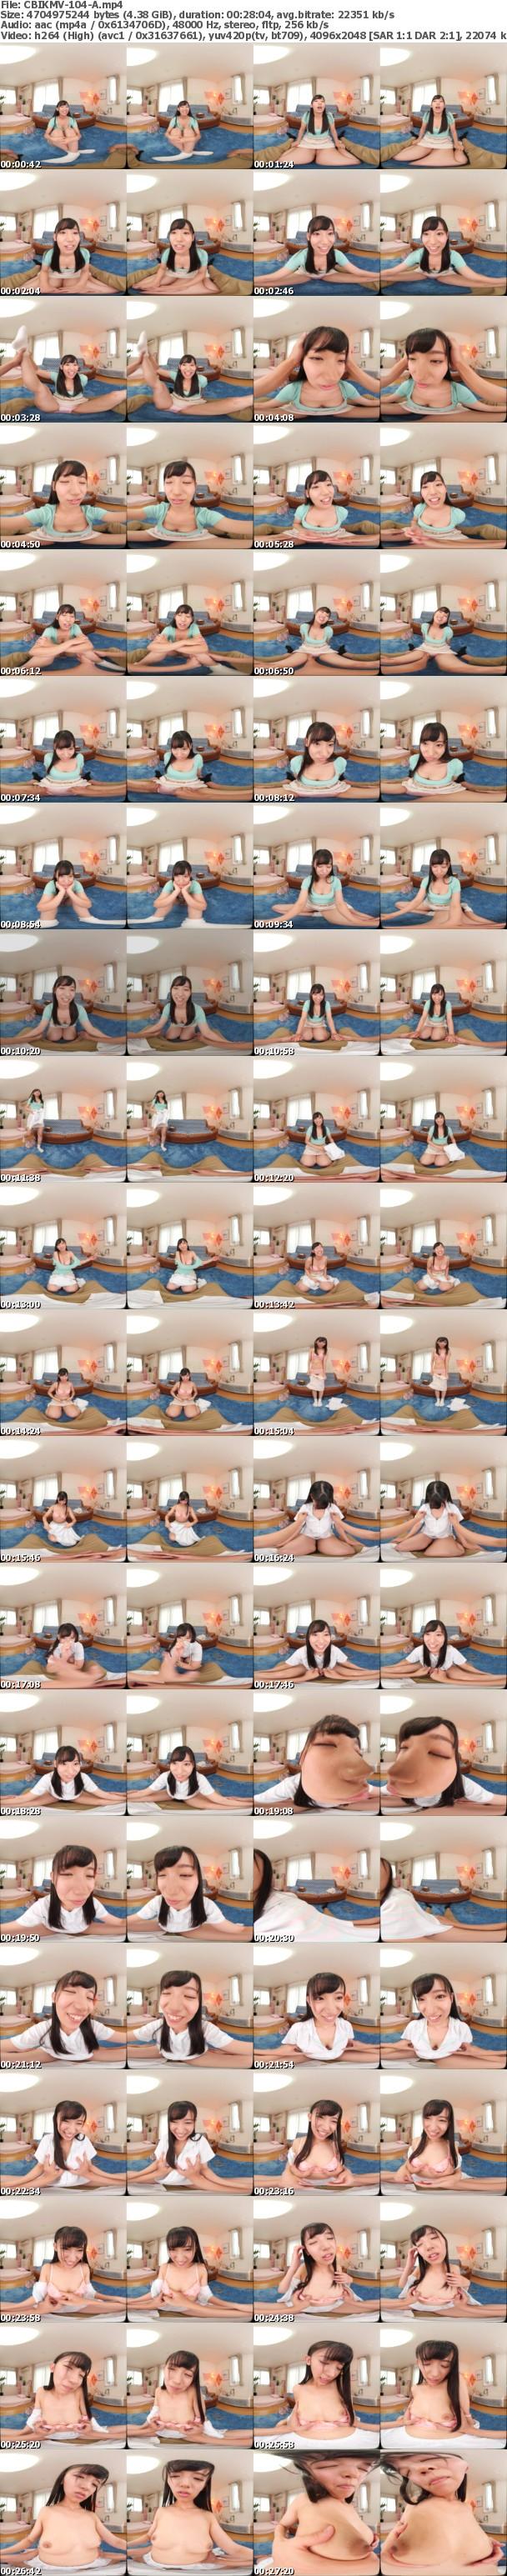 (VR) CBIKMV-104 ボクのカノジョは体育会系新体操部女子大生 宇流木さら 180度大開脚軟体セックスで奥まで密着挿入